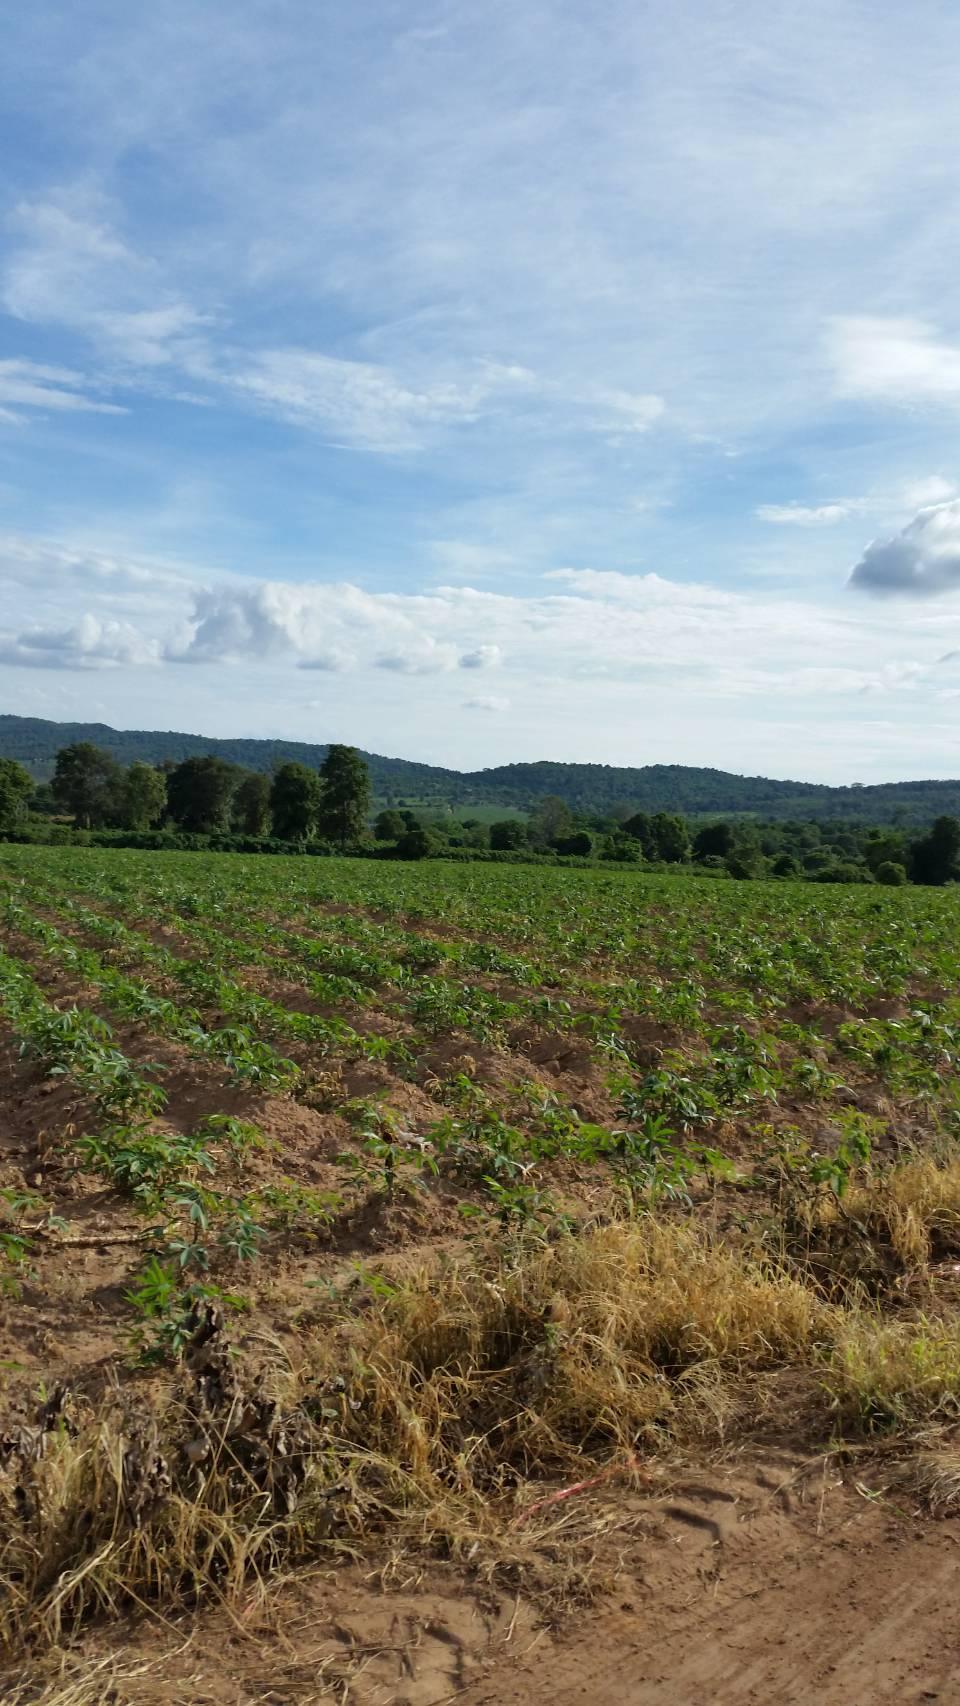 ขายที่ดินเหมาะทำเกษตรกร 60 ไร่ ไร่ละ 30000 บาท ต.วะตะแบก อ.เทพสถิต จ.ชัยภูมิ